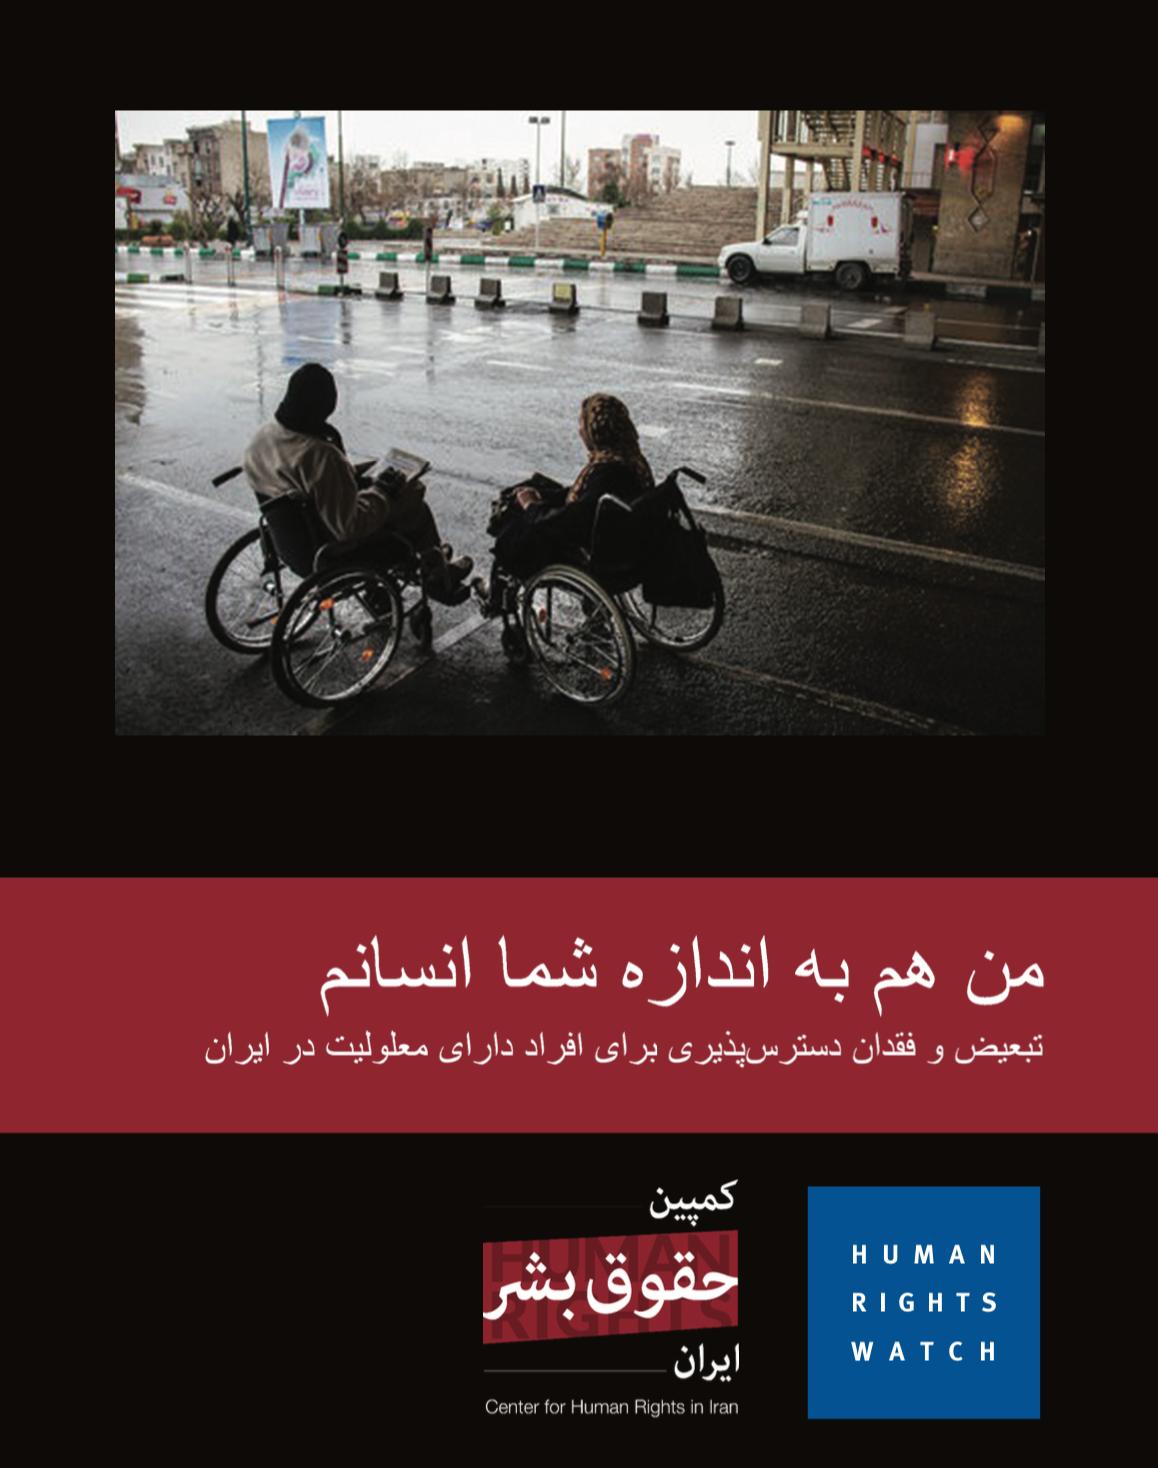 با کلیک کردن روی تصویر روی جلد گزارش، نسخه پی.دی.اف آن را دانلود کنید.